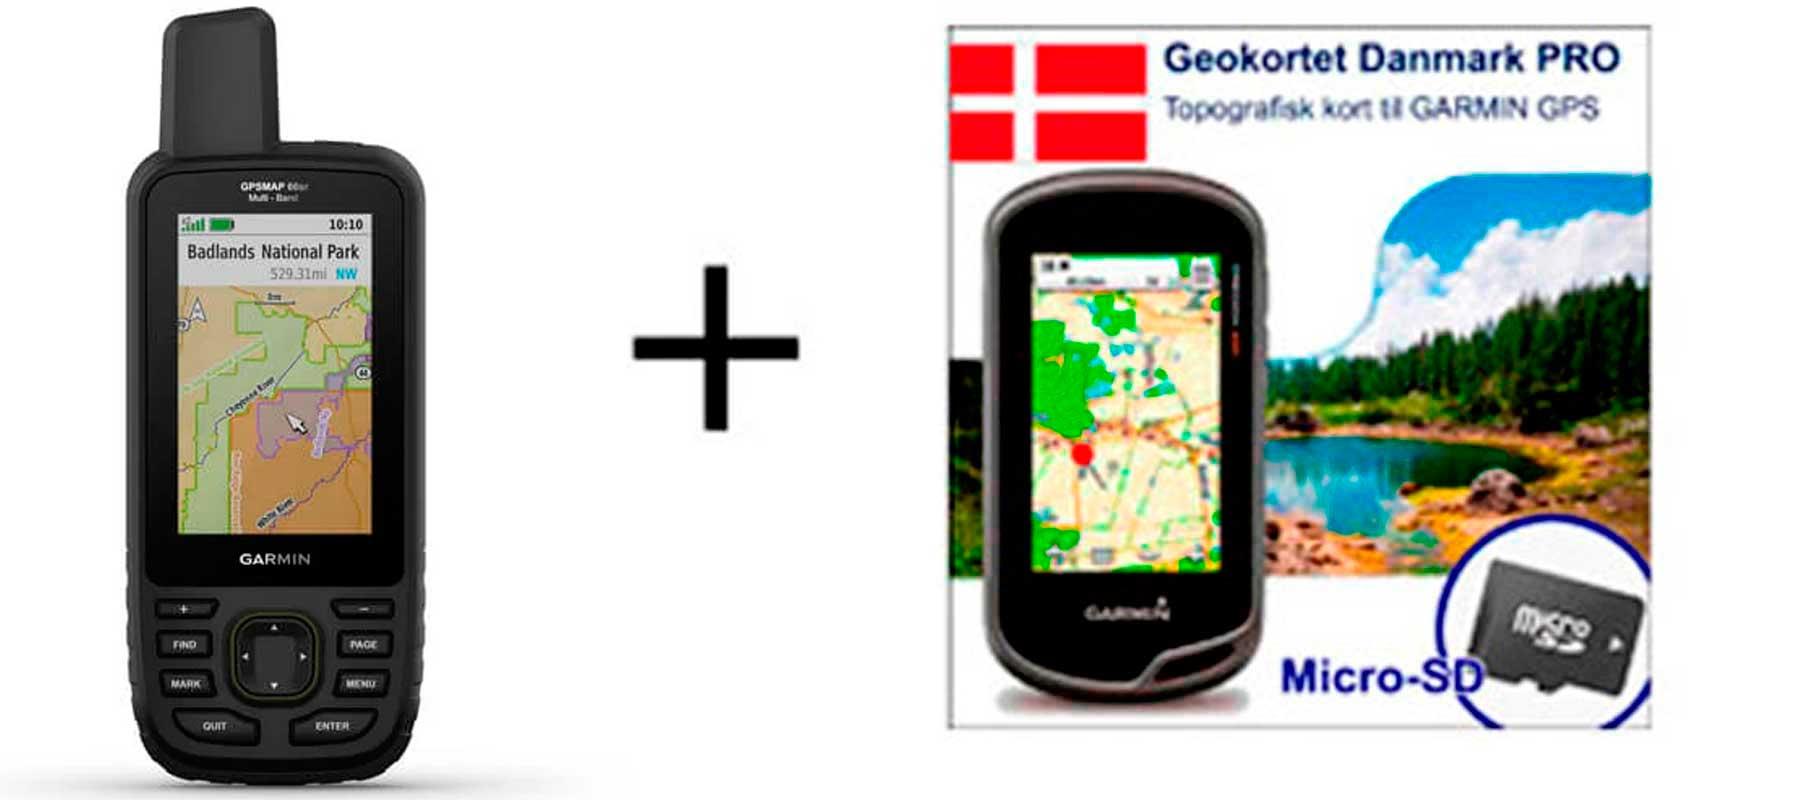 Garmin GPSmap 66sr inkl. topografisk kortpakke